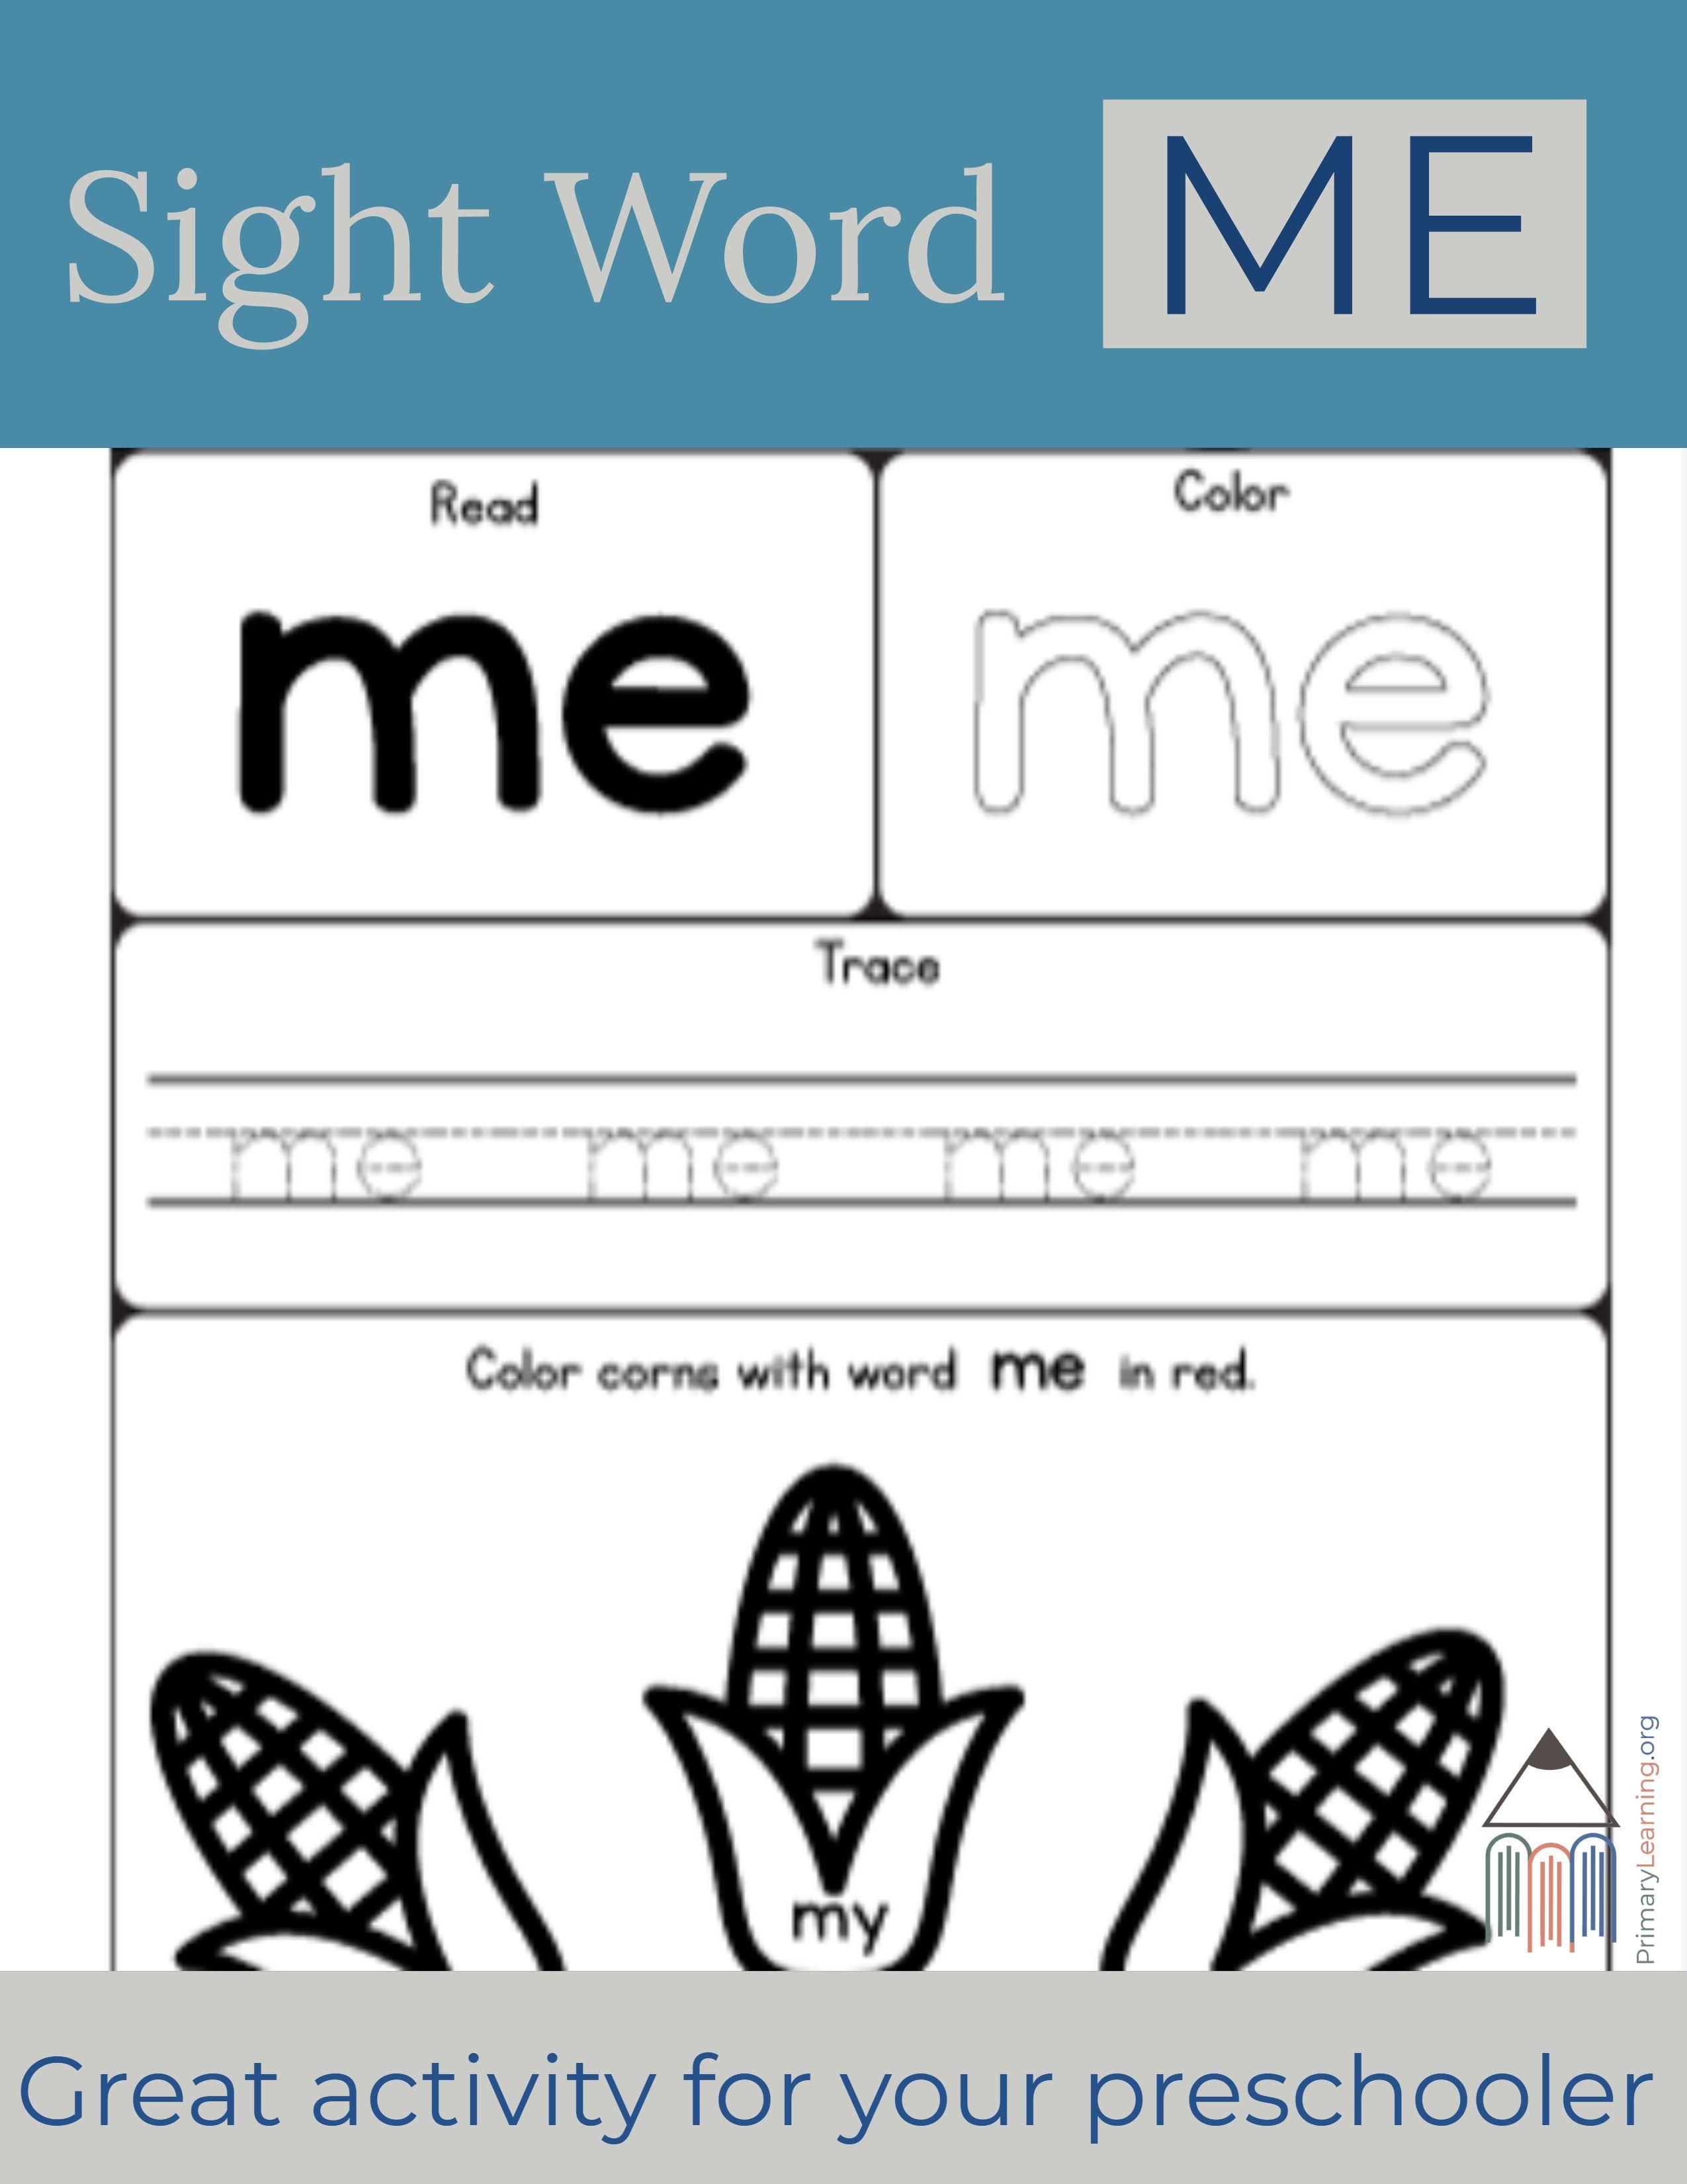 Sight Word Me Worksheet